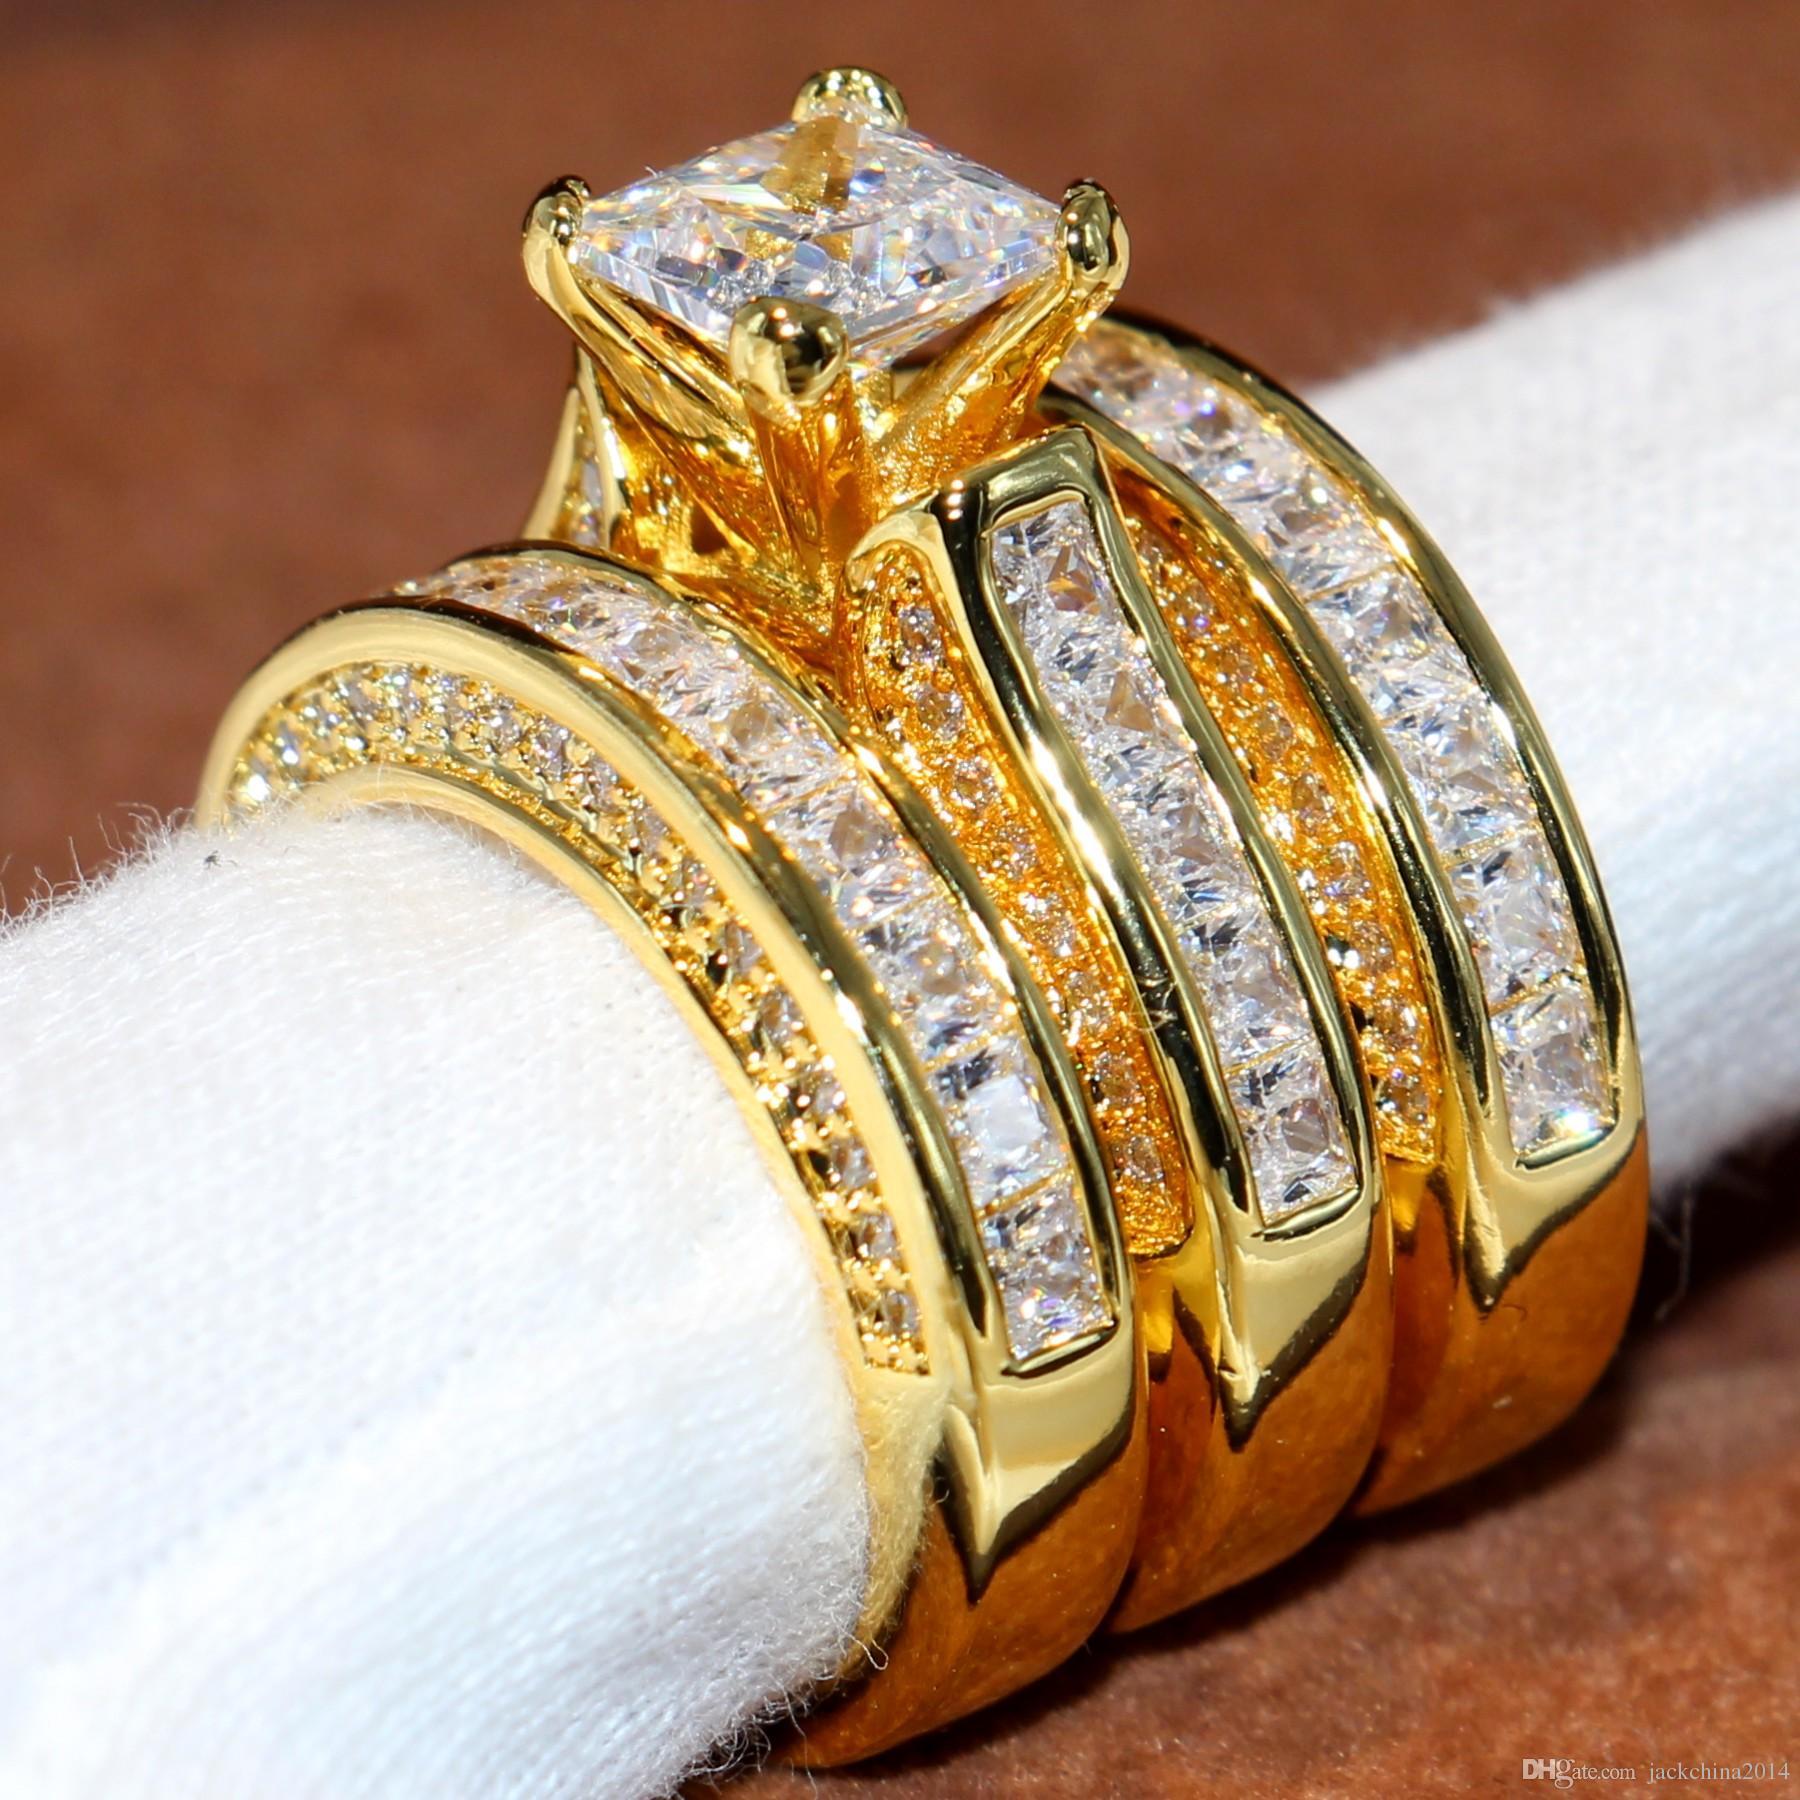 Wedding Ring Donne Size gioielli 5-11 Sparkling Fashion Square 14KT oro giallo riempito principessa Cut Topaz bianco Partito delle pietre preziose di diamante della CZ